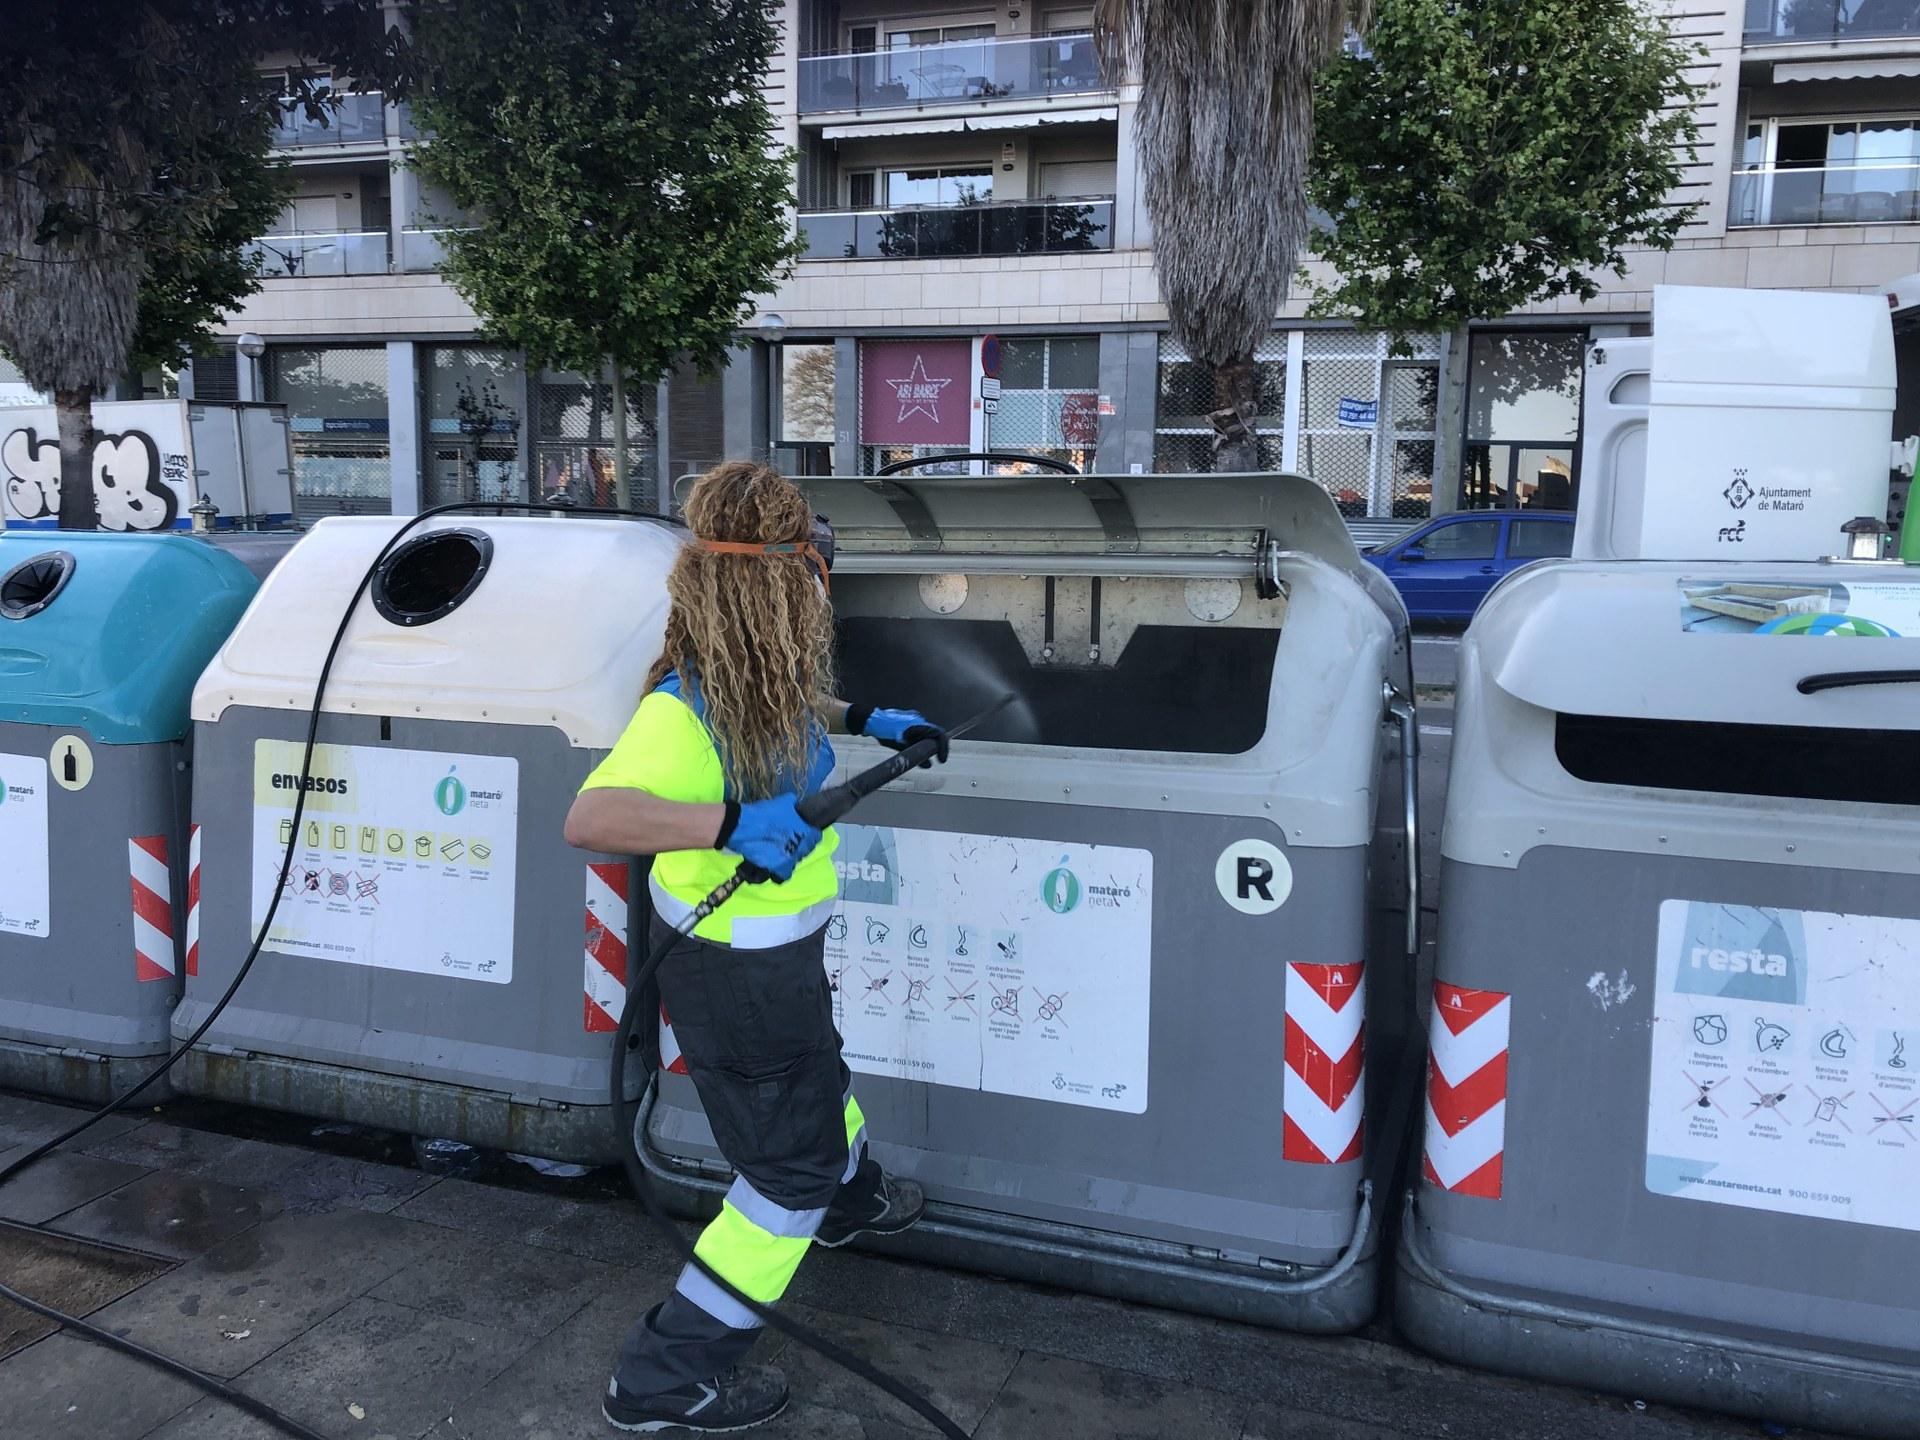 Neteja i desifecció de contenidors, el passat abril, a la ronda de Mossèn Jacint Verdaguer.